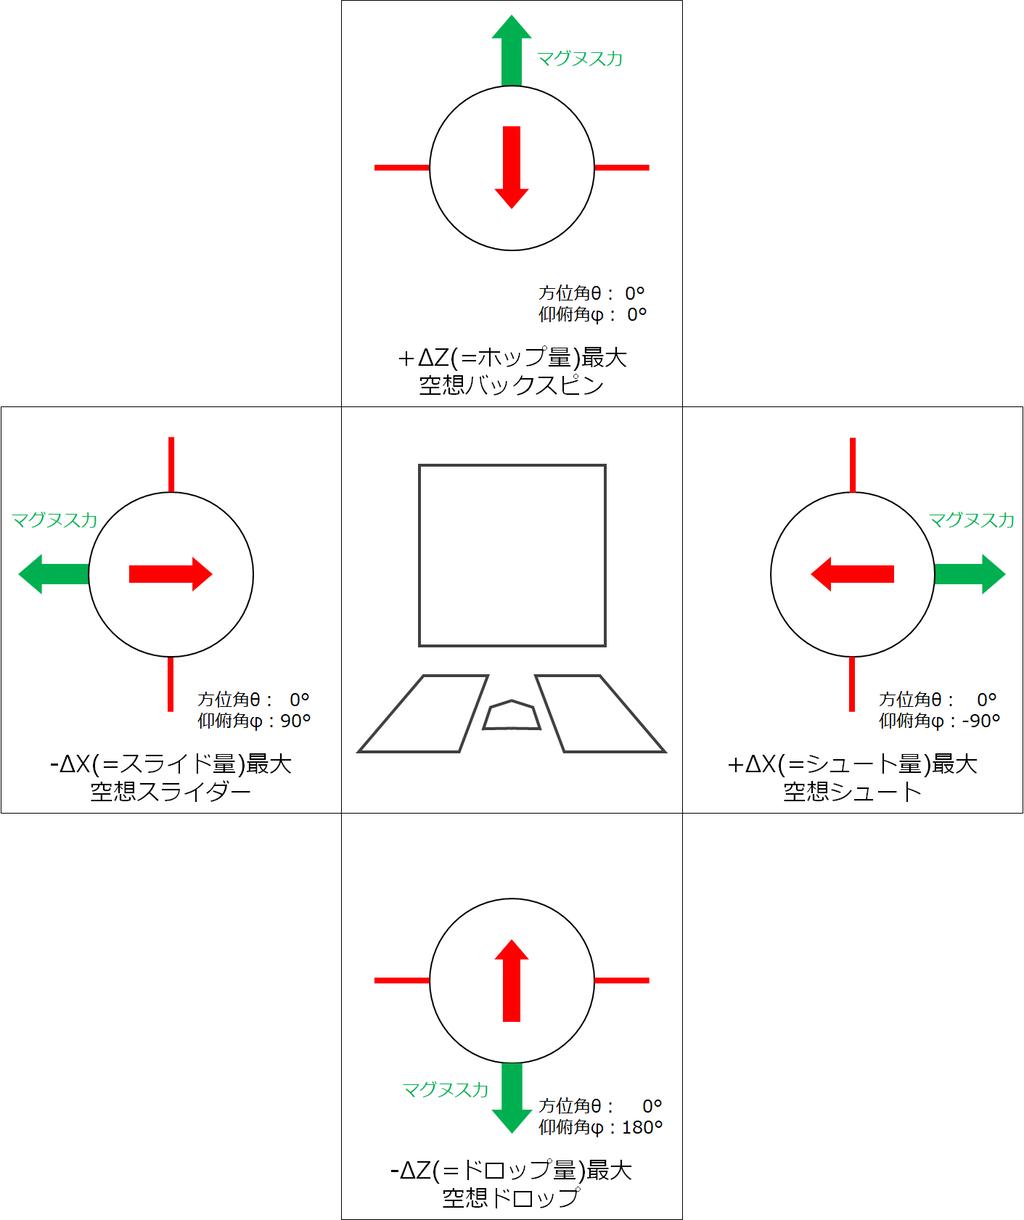 ストレート・変化球の球質・回転数・回転軸・マグヌス力・ホップ成分 ...